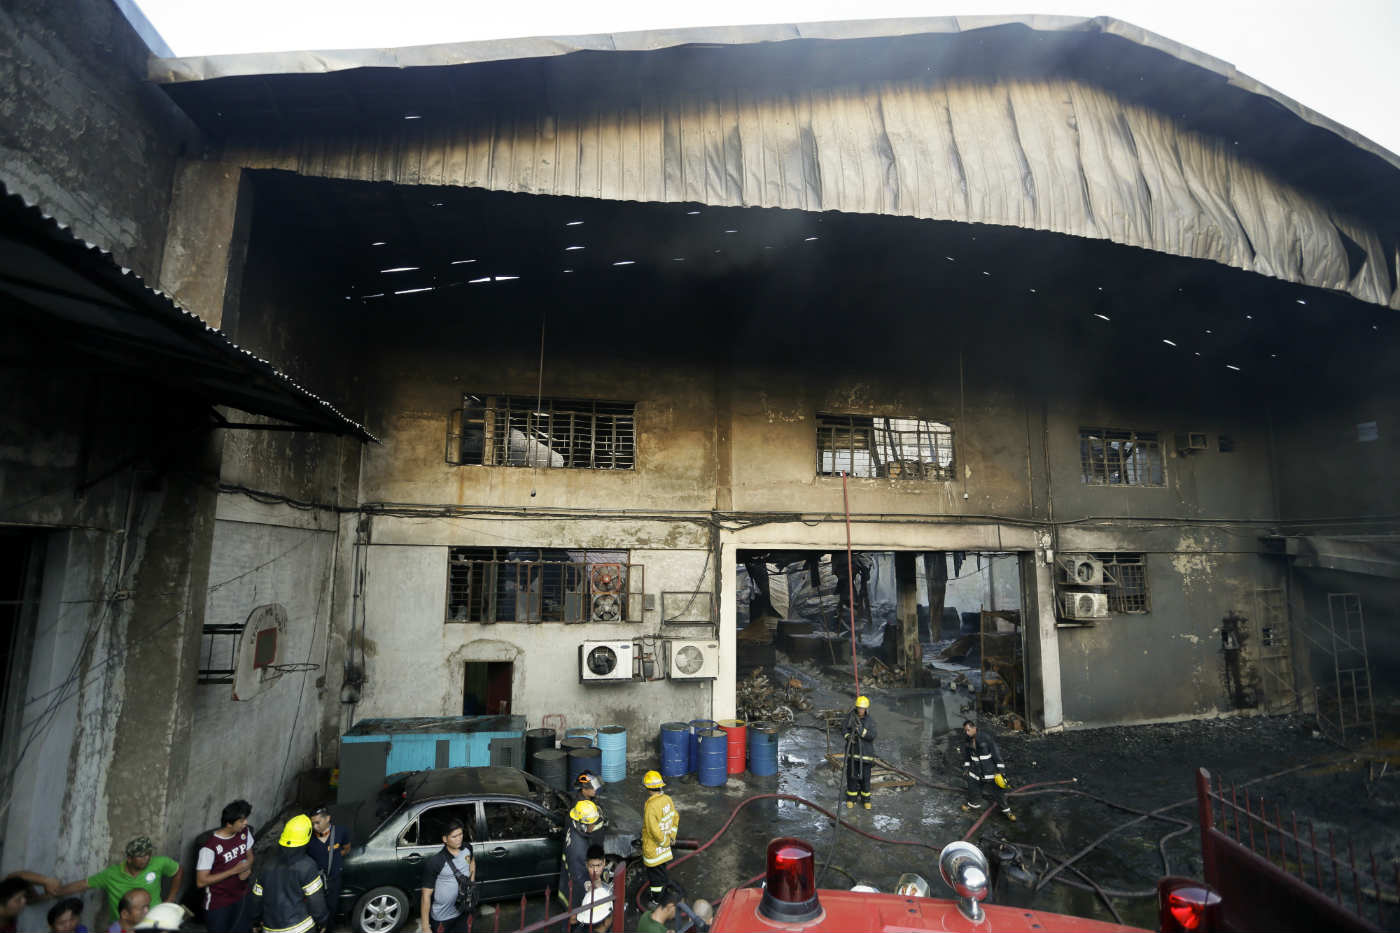 Philippines Valenzuela Fire a Fire in Valenzuela City